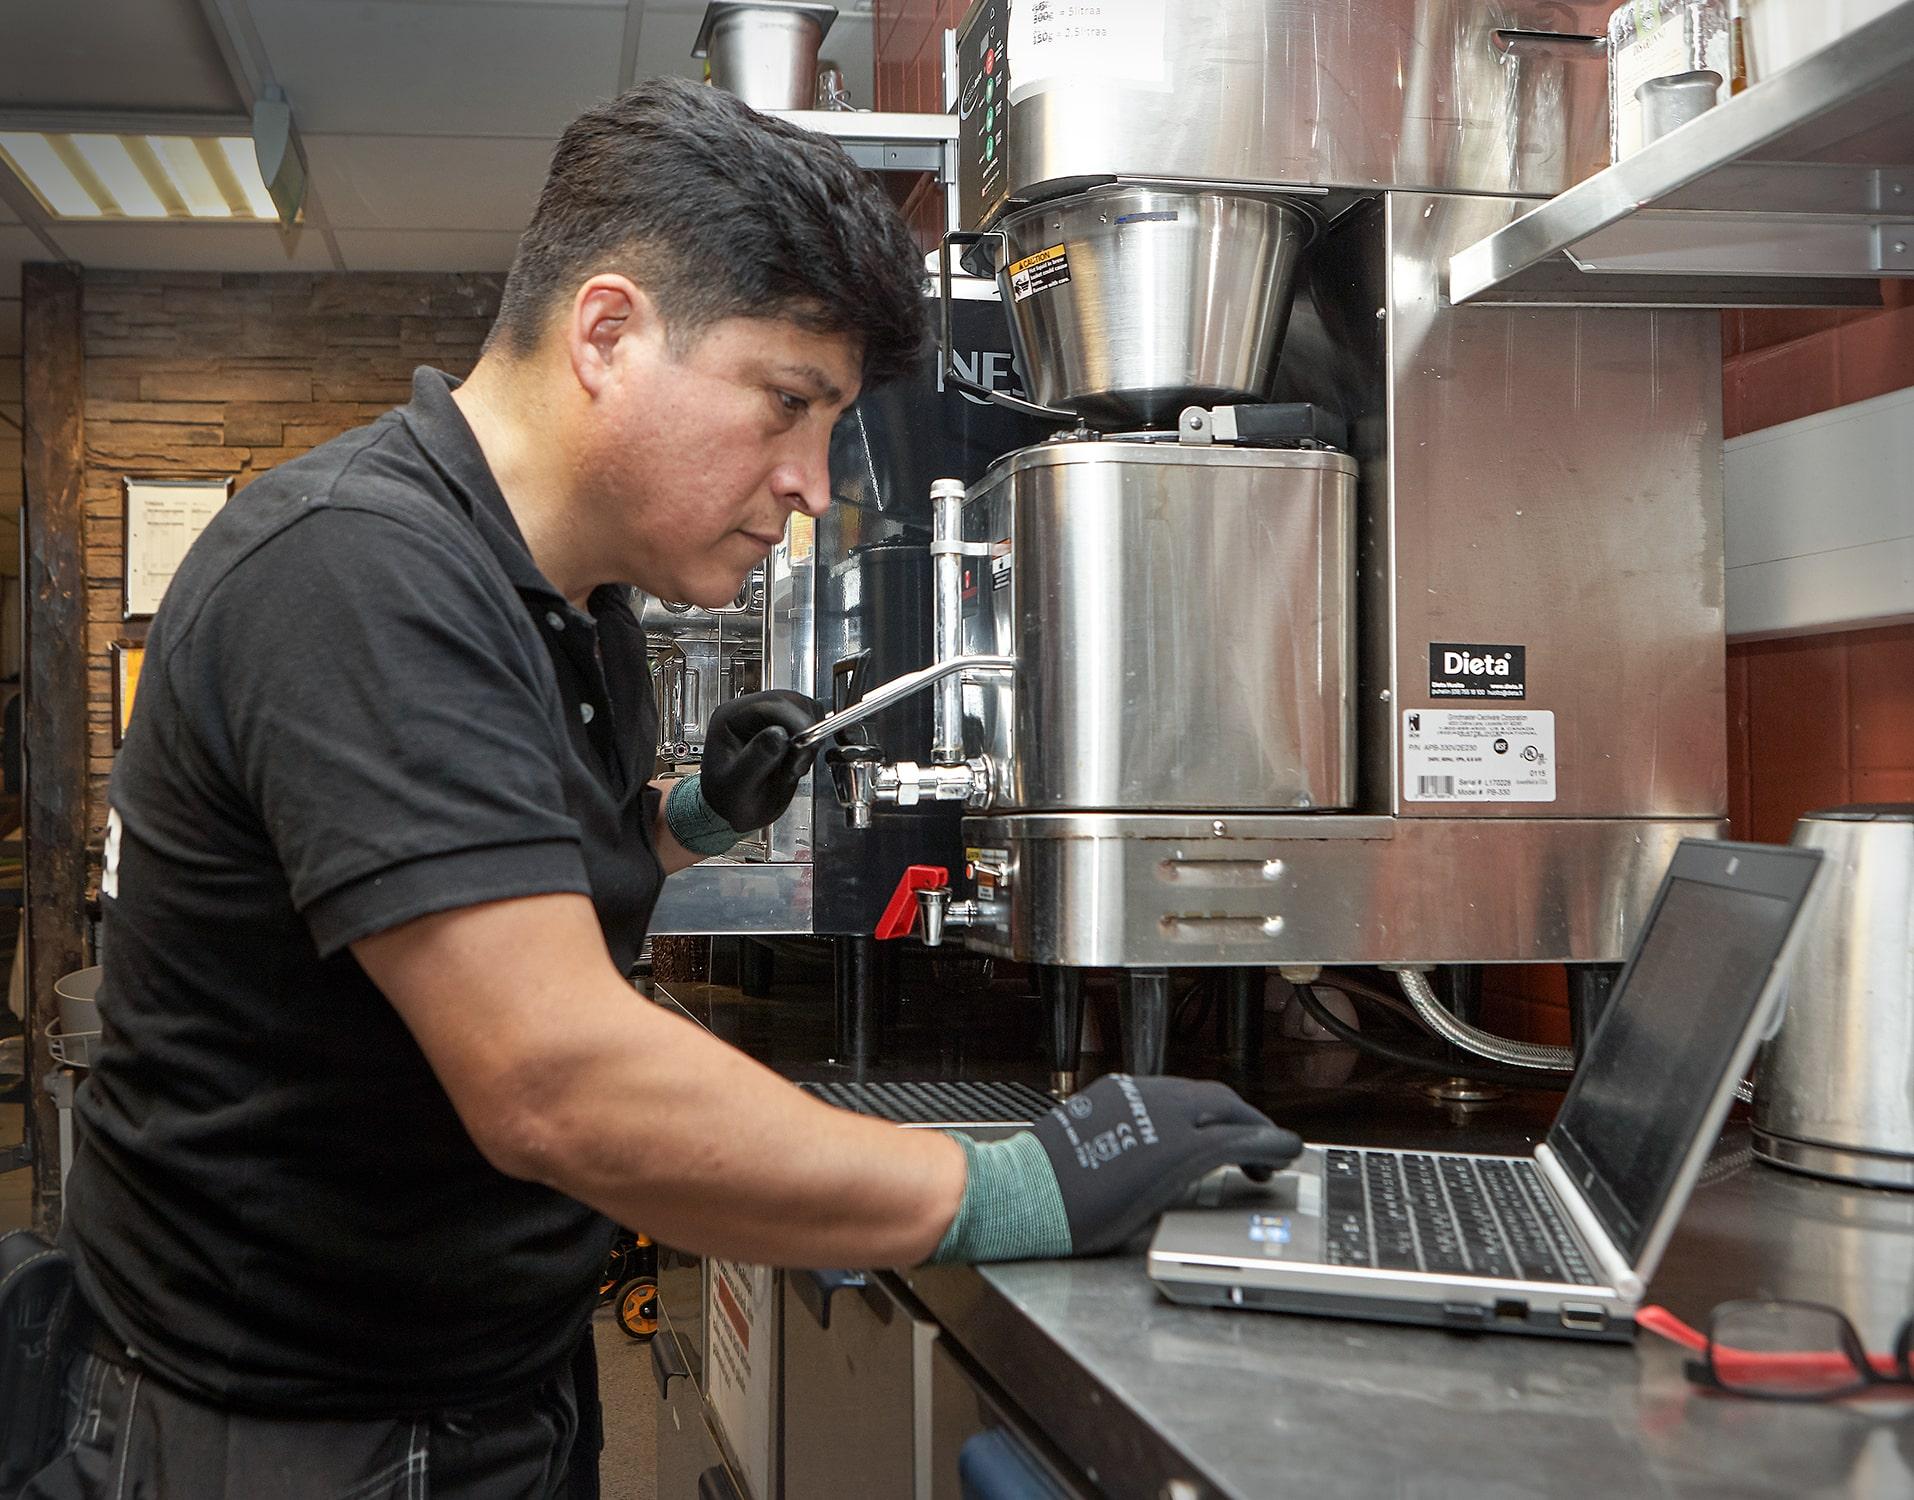 Käyttöönottohuolto varmistaa laitteiden toimintakunnon ennen ravintolan avaamista